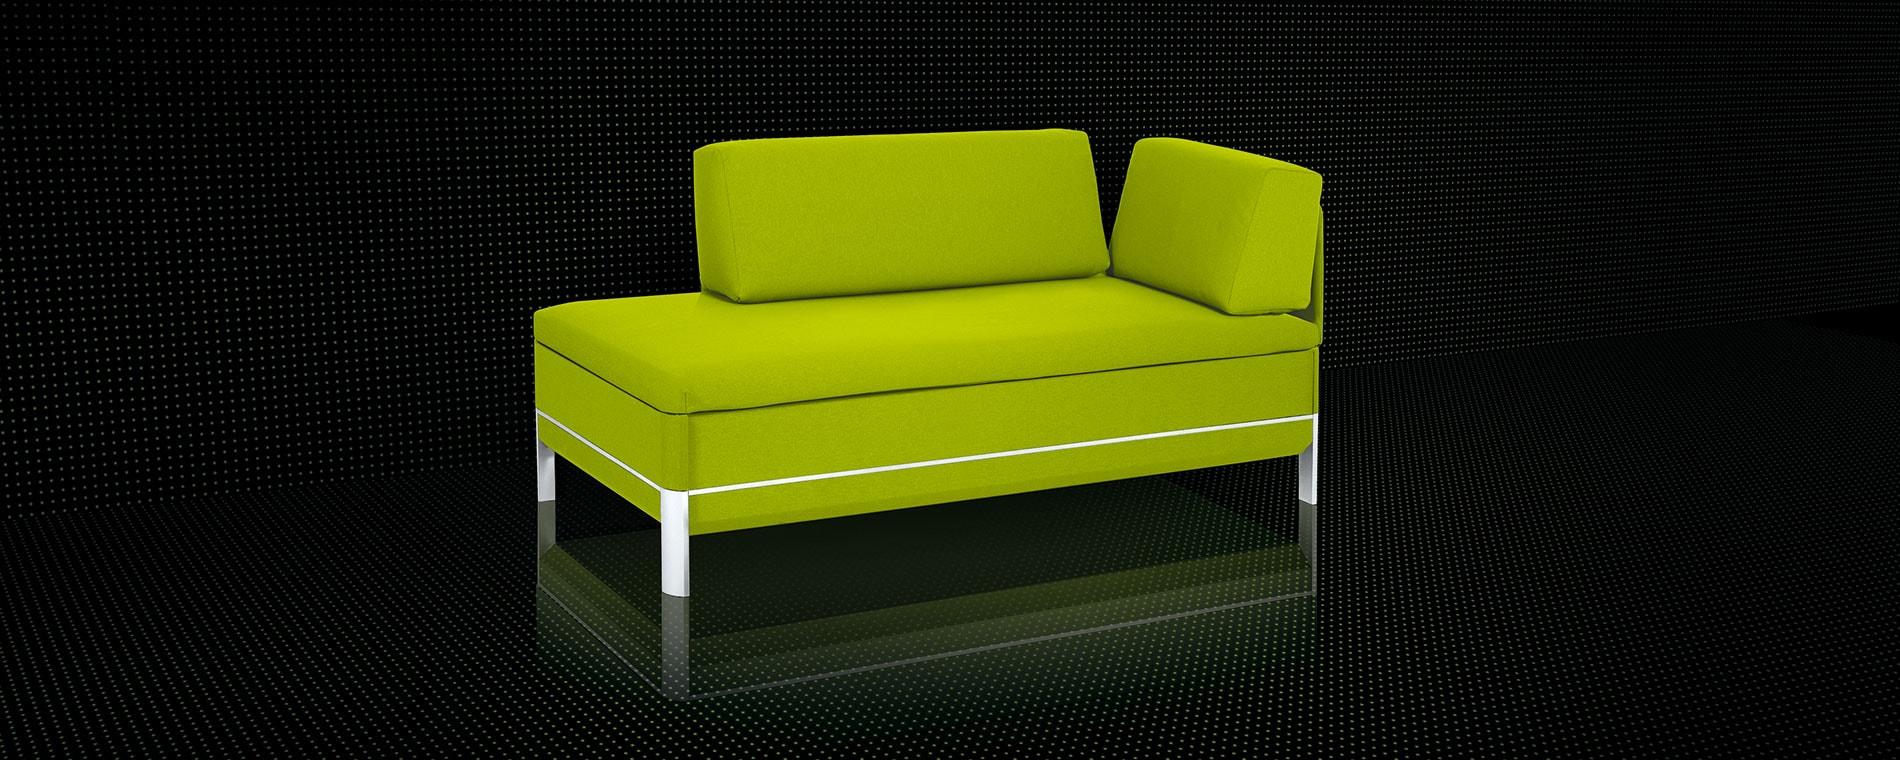 Das kompakte Doppelbettsofa Cento-60 von Swiss Plus in grün.